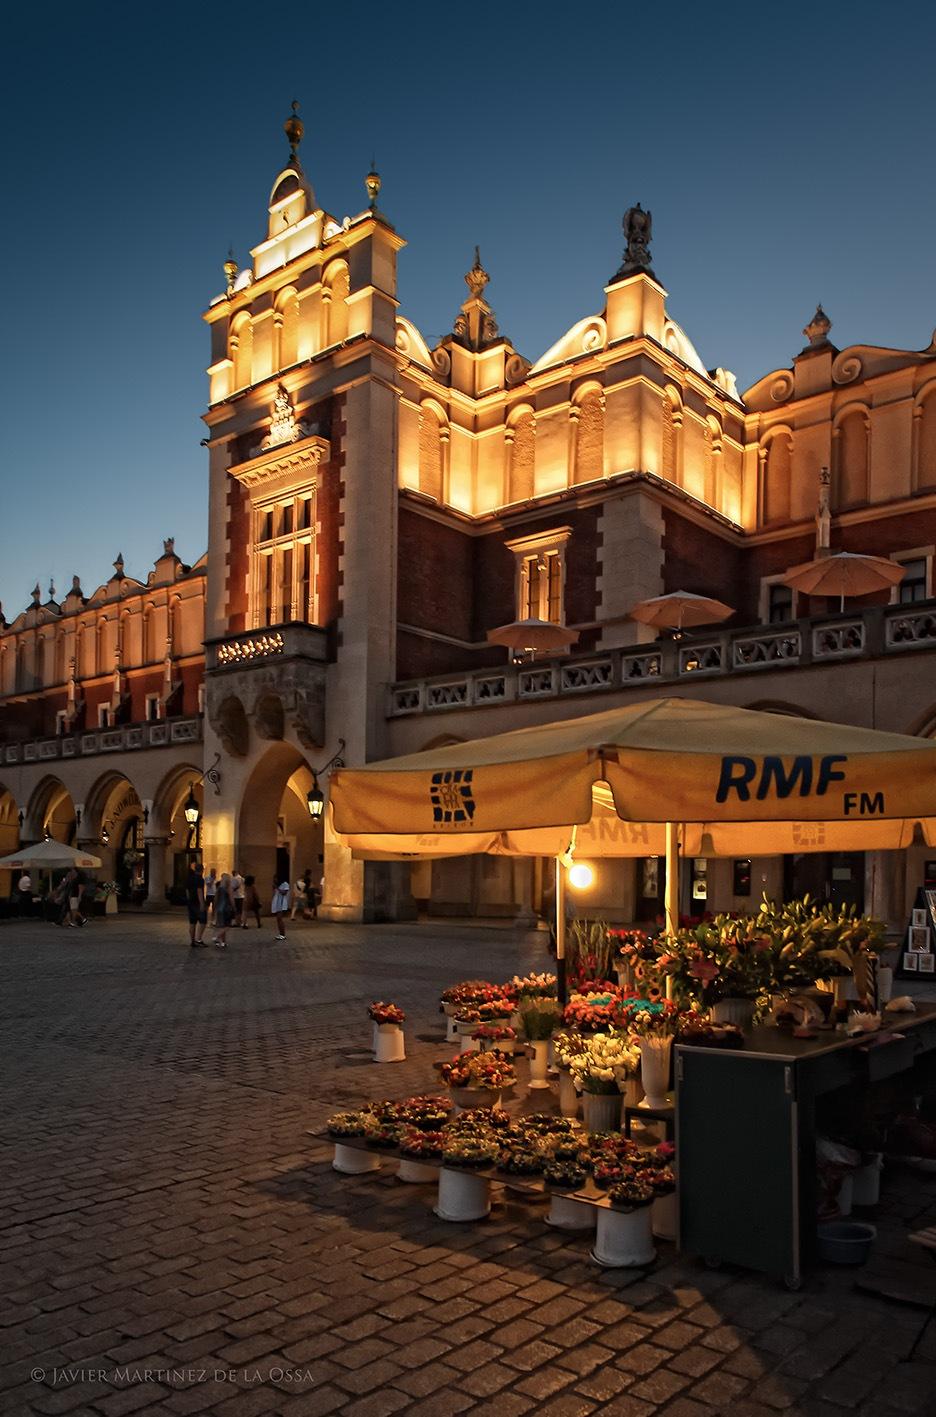 Puesto de flores en Cracovia. by Javier Martinez de la Ossa